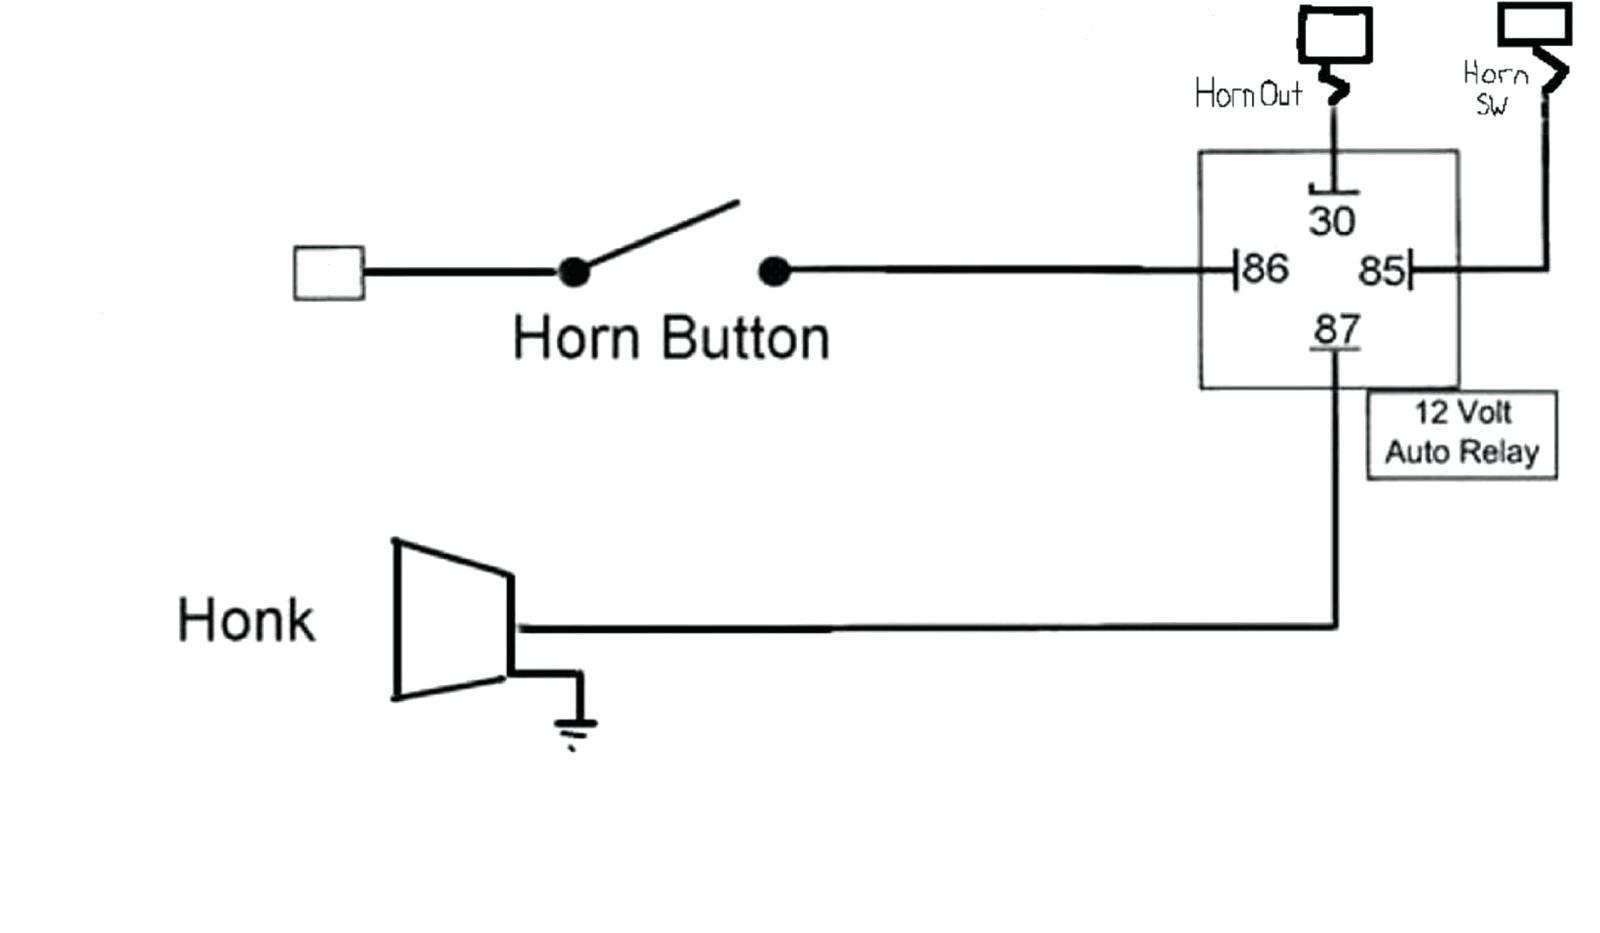 Horn Switch Wiring - Schema Wiring Diagram - Horn Wiring Diagram